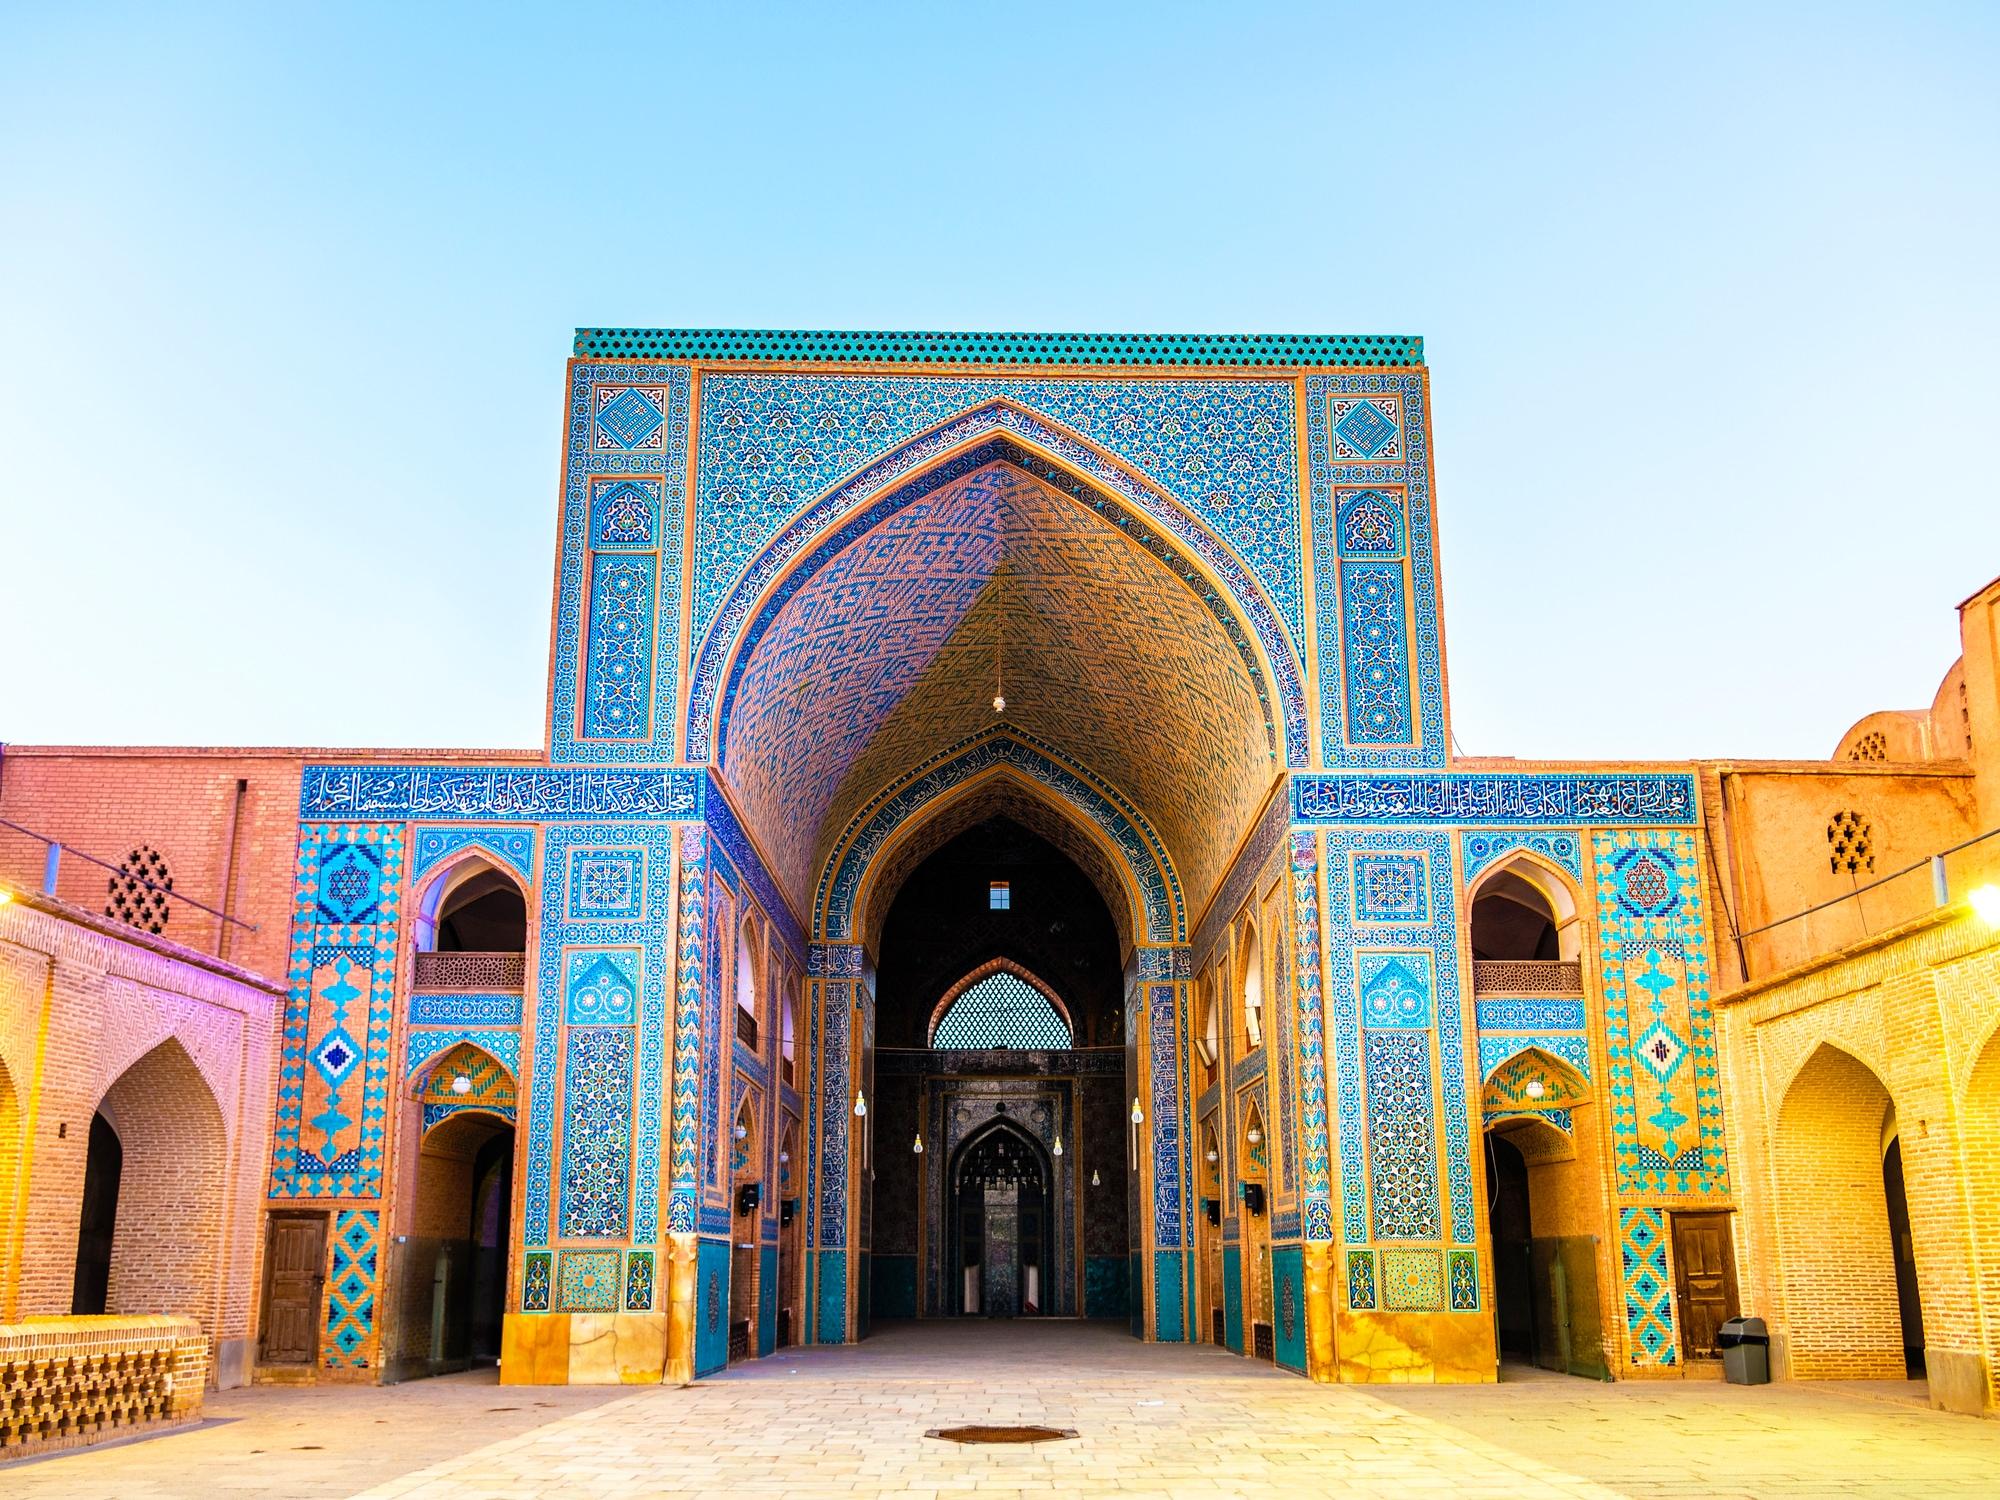 Héritage millénaire : de la Perse à l'Iran